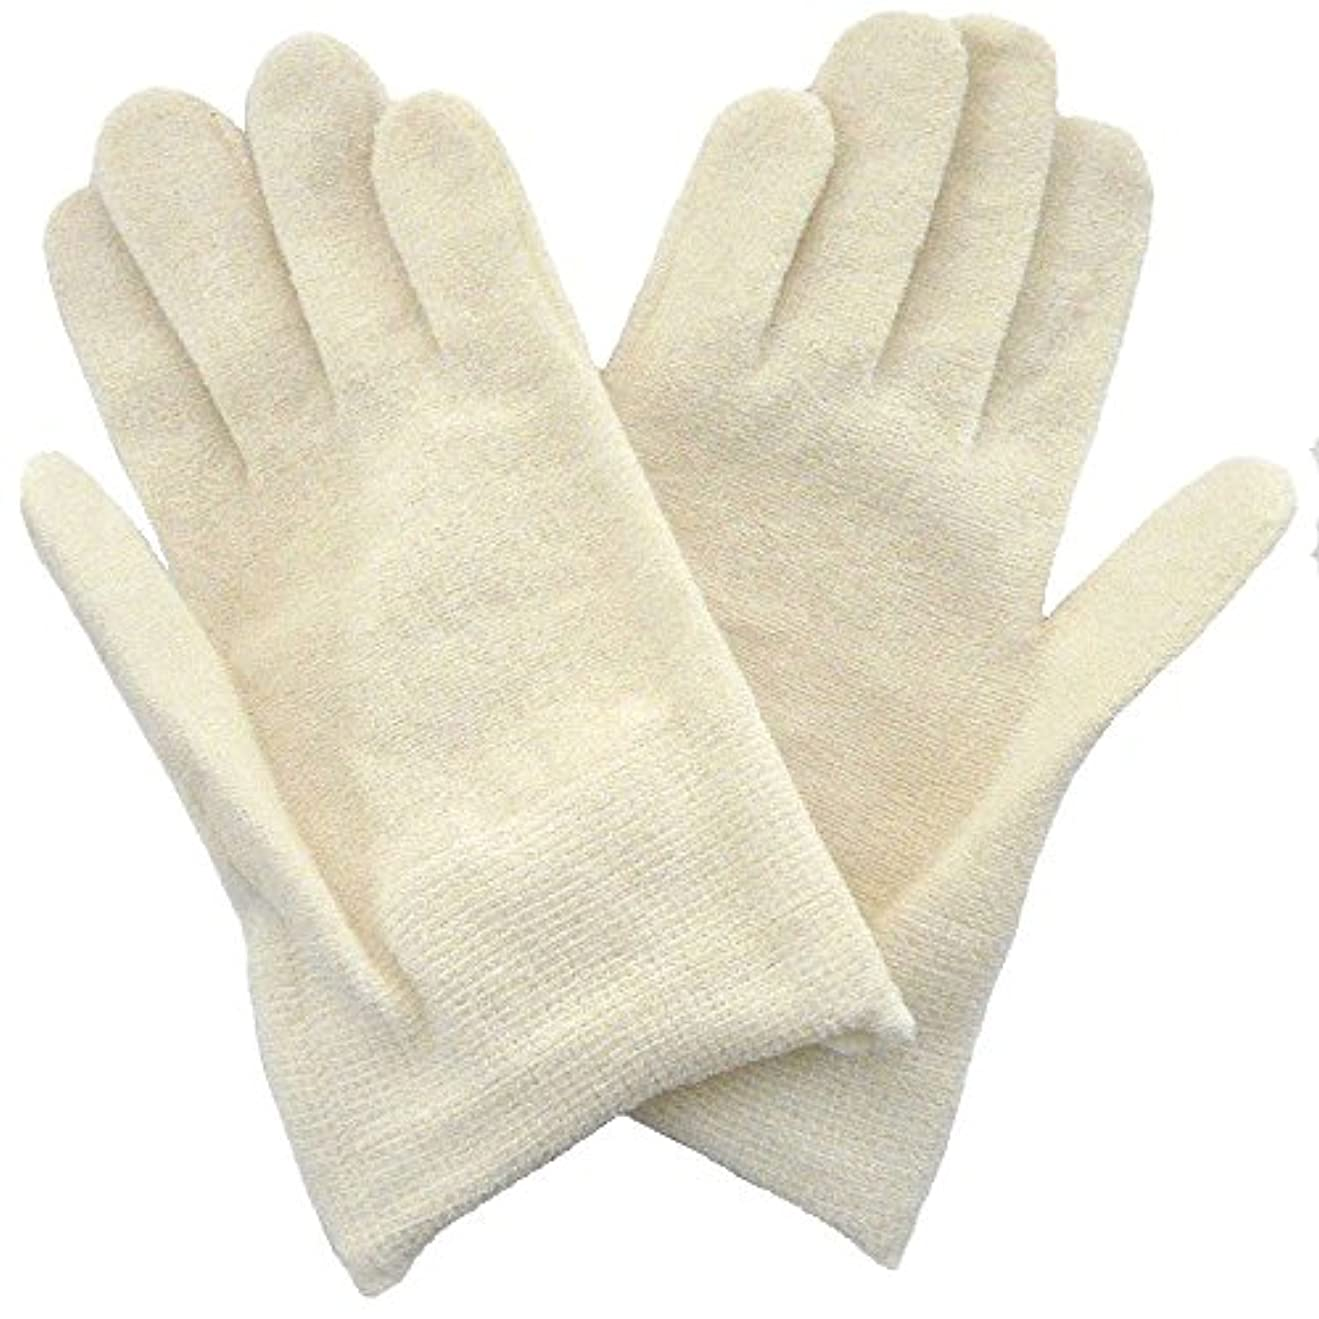 独特の種類錆び【アトピー】【水疱瘡】【皮膚炎】 ナノミックス おやすみ手袋:キッズ用 アイボリー